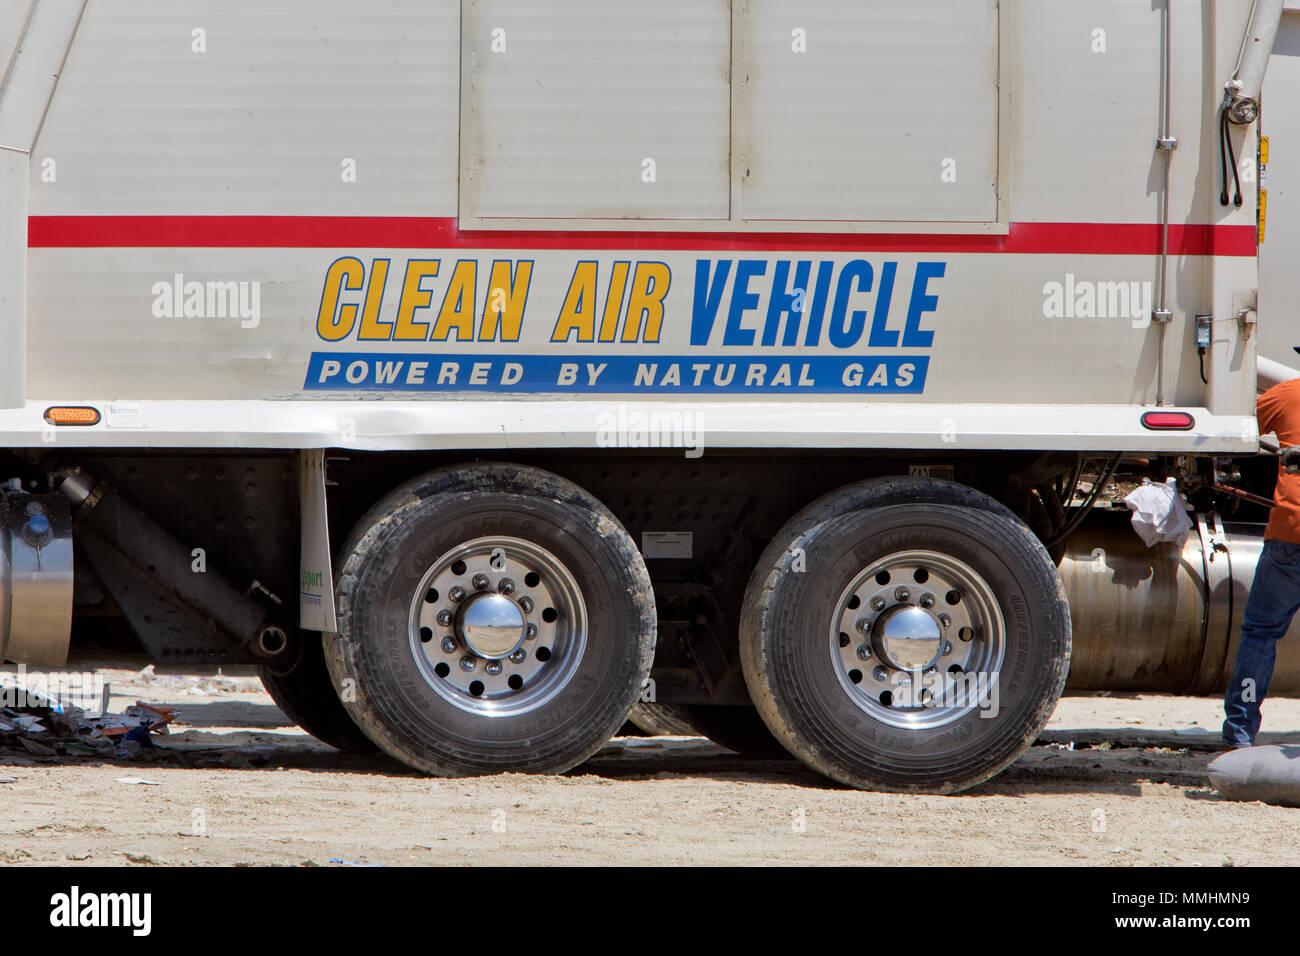 """""""Aria pulita veicolo' - 'alimentate a gas naturale"""", autocarro per lo scarico di rifiuti locale ato discarica. Immagini Stock"""